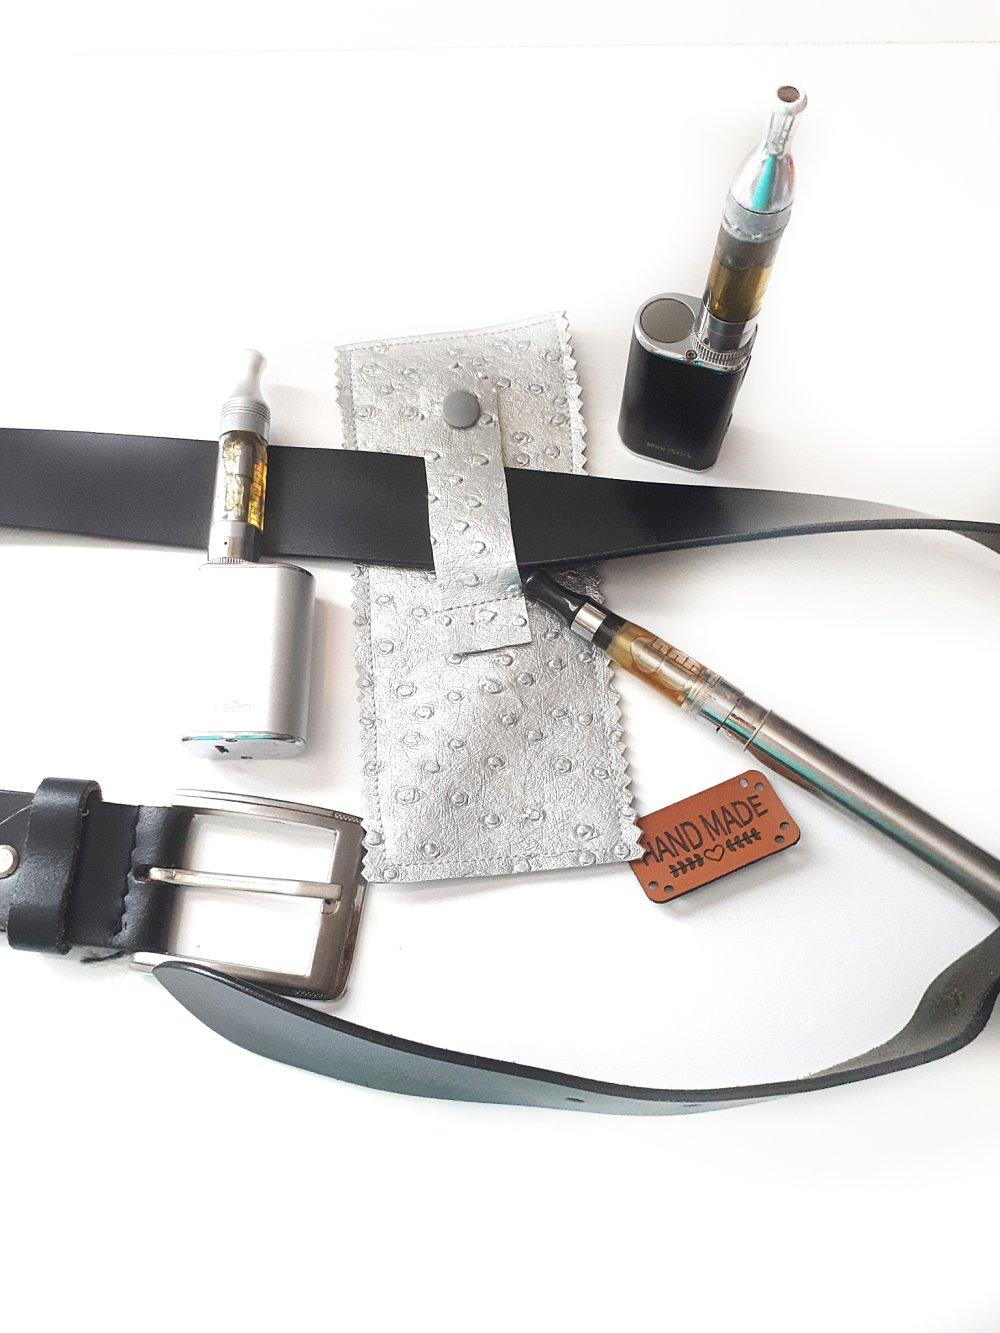 porte cigarettes électroniques à la ceinture simili cuir gris argenté, étui à cigarette électronique, étui pour ceinture simili cuir